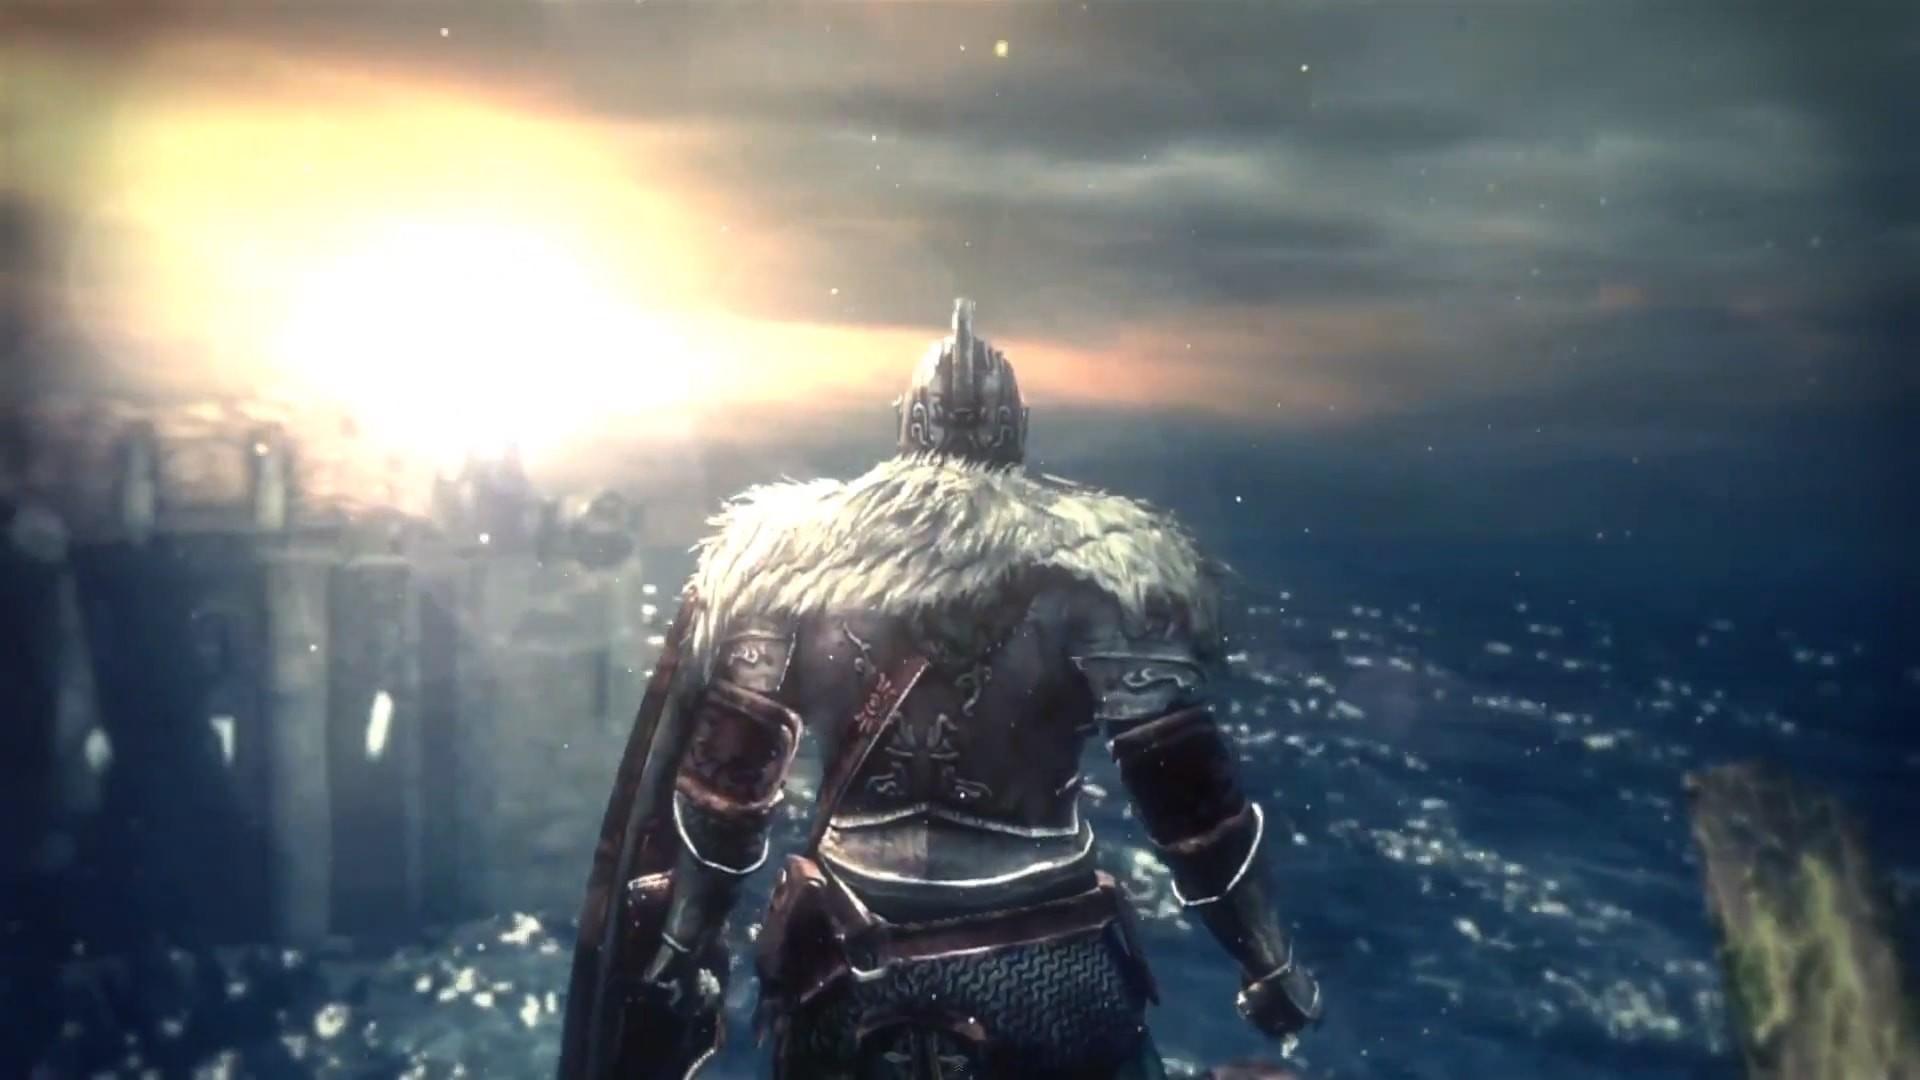 Dark Souls 2 widescreen for desktop